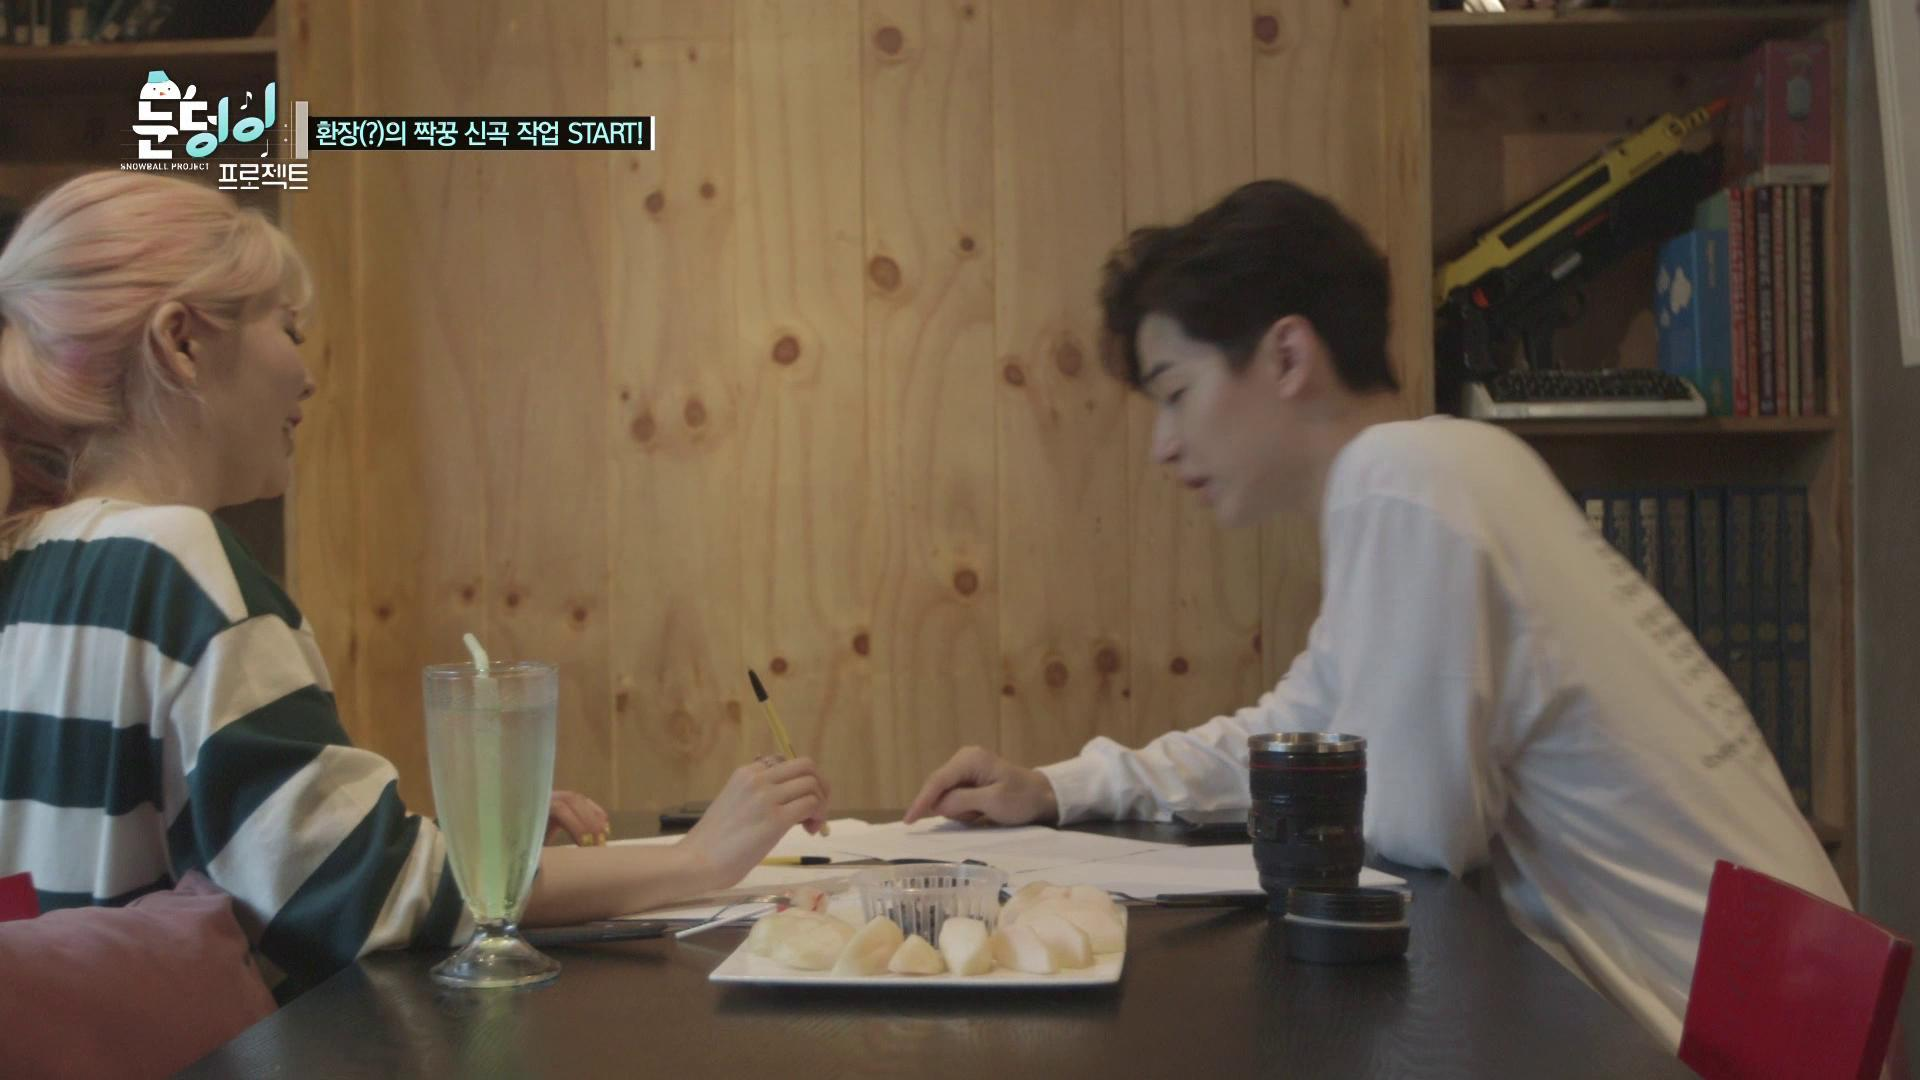 눈덩이 프로젝트 EP.66 - 환상(?)의 짝꿍 신곡 작업 START!!